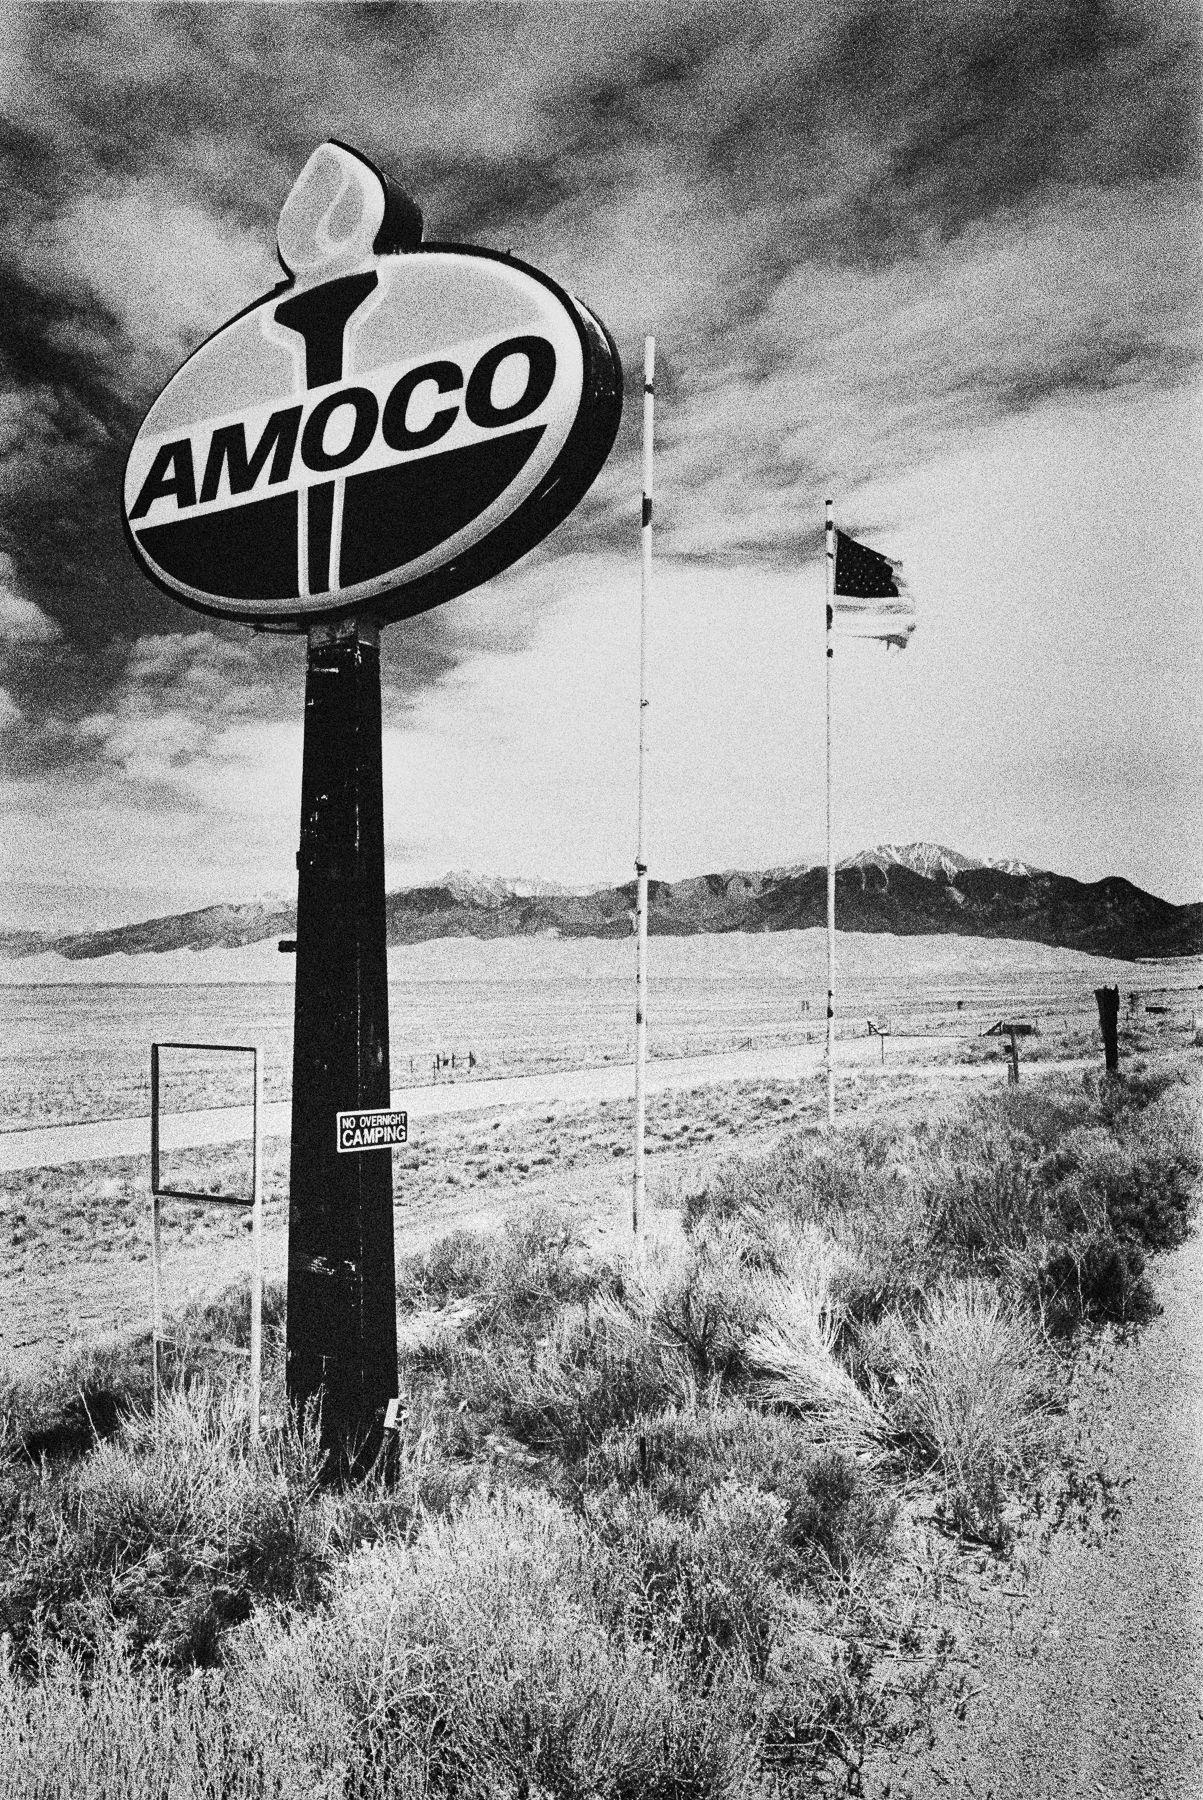 Colorado, 2004